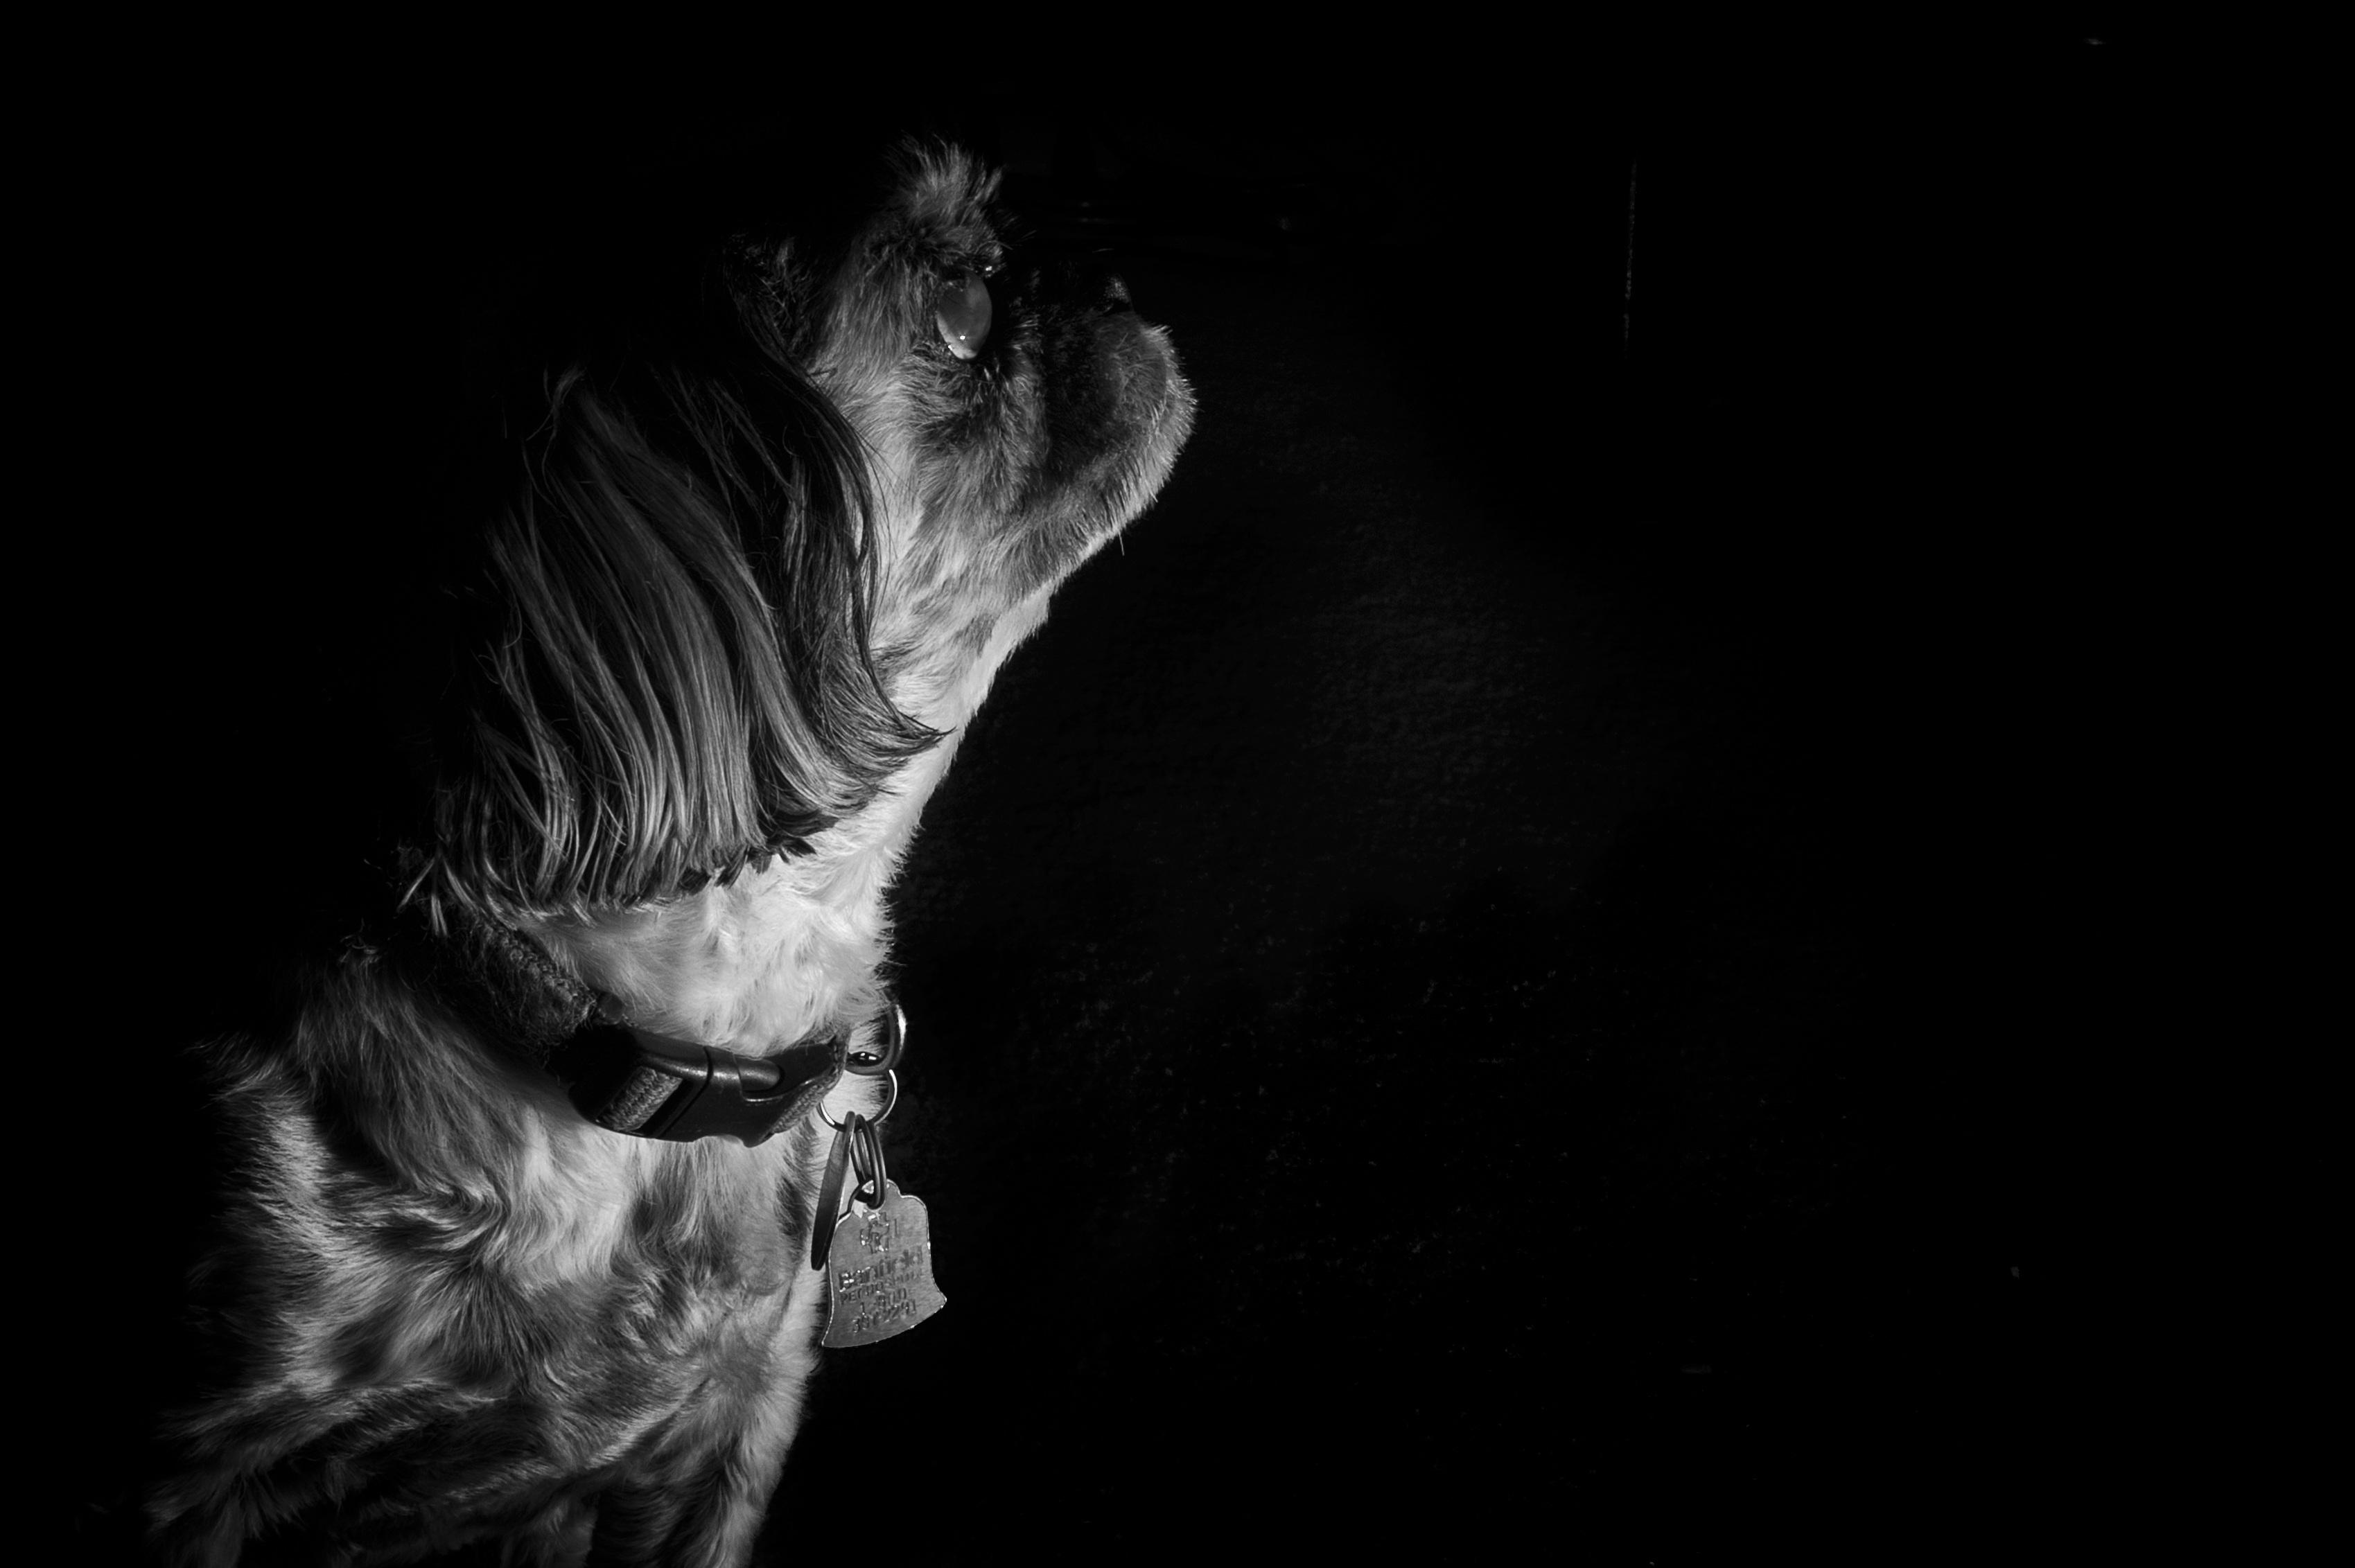 Fotos Gratis Mano Ligero En Blanco Y Negro Fotografía Perrito